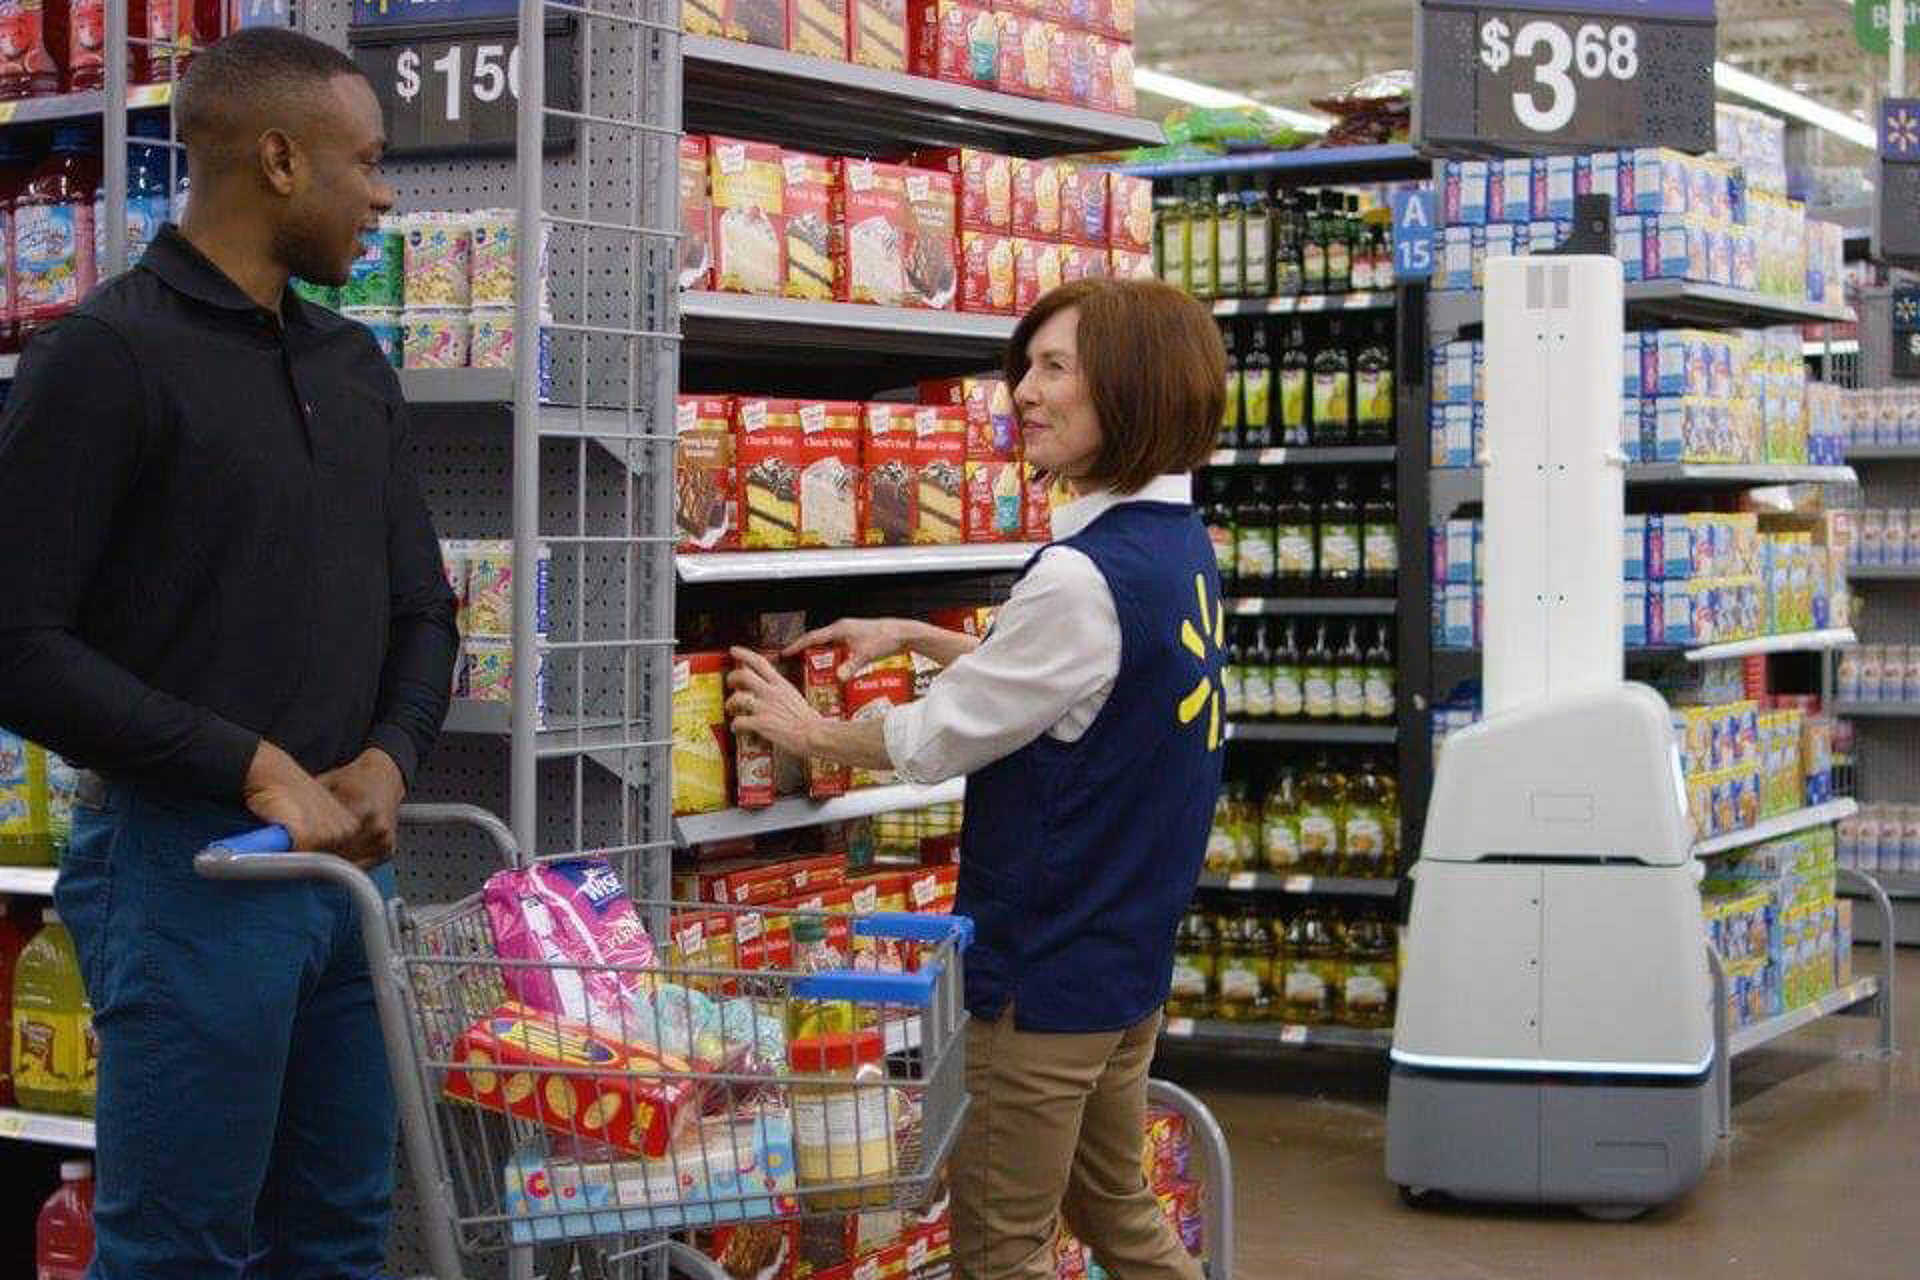 Robotok a Walmartban